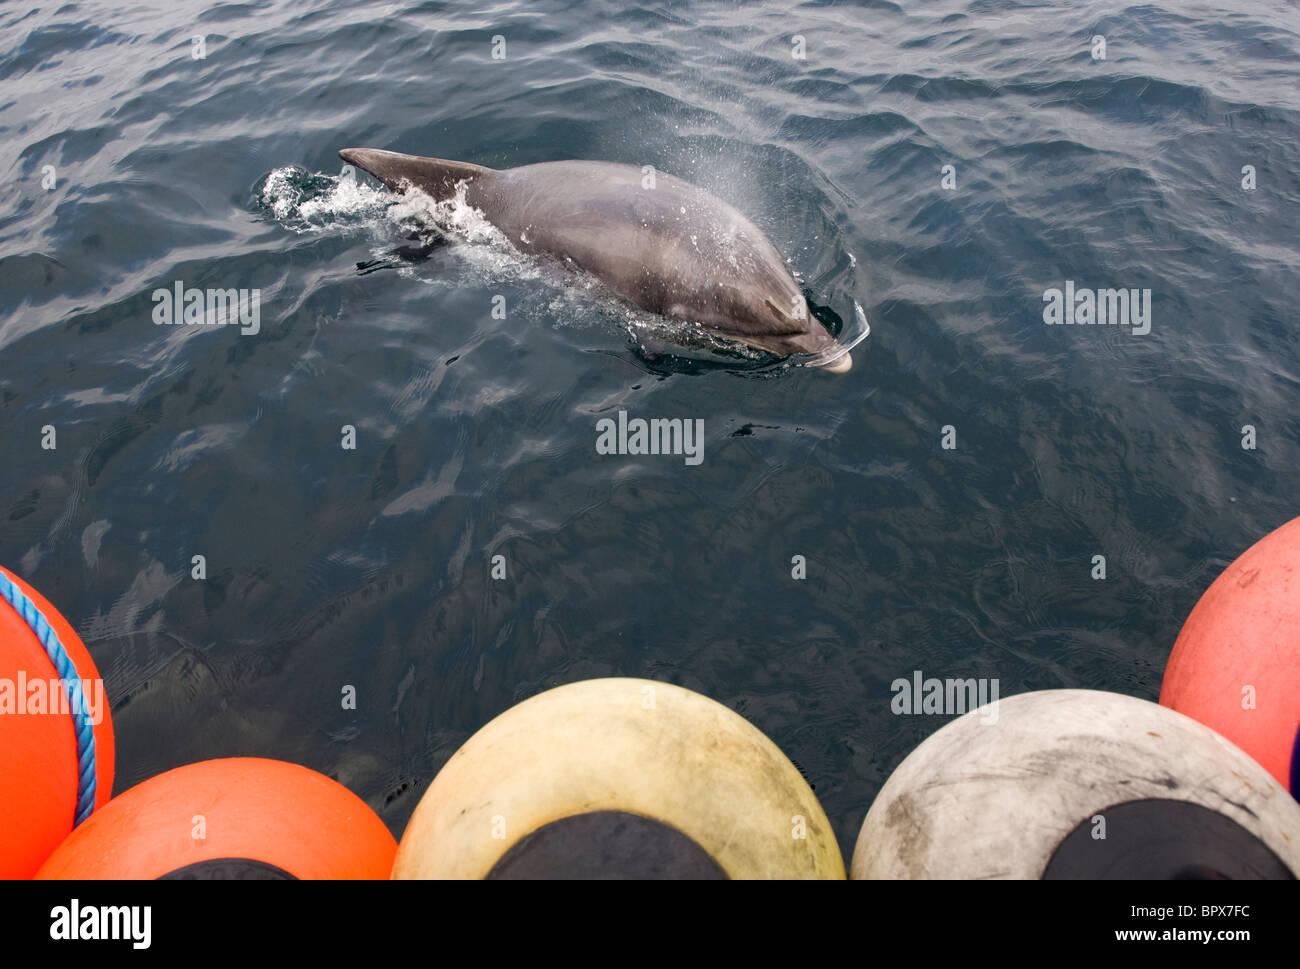 Un Delfín Mular nadar junto a un pequeño barco en el Atlántico, a 10 millas al noroeste de Hayle, Cornwall. Foto de stock